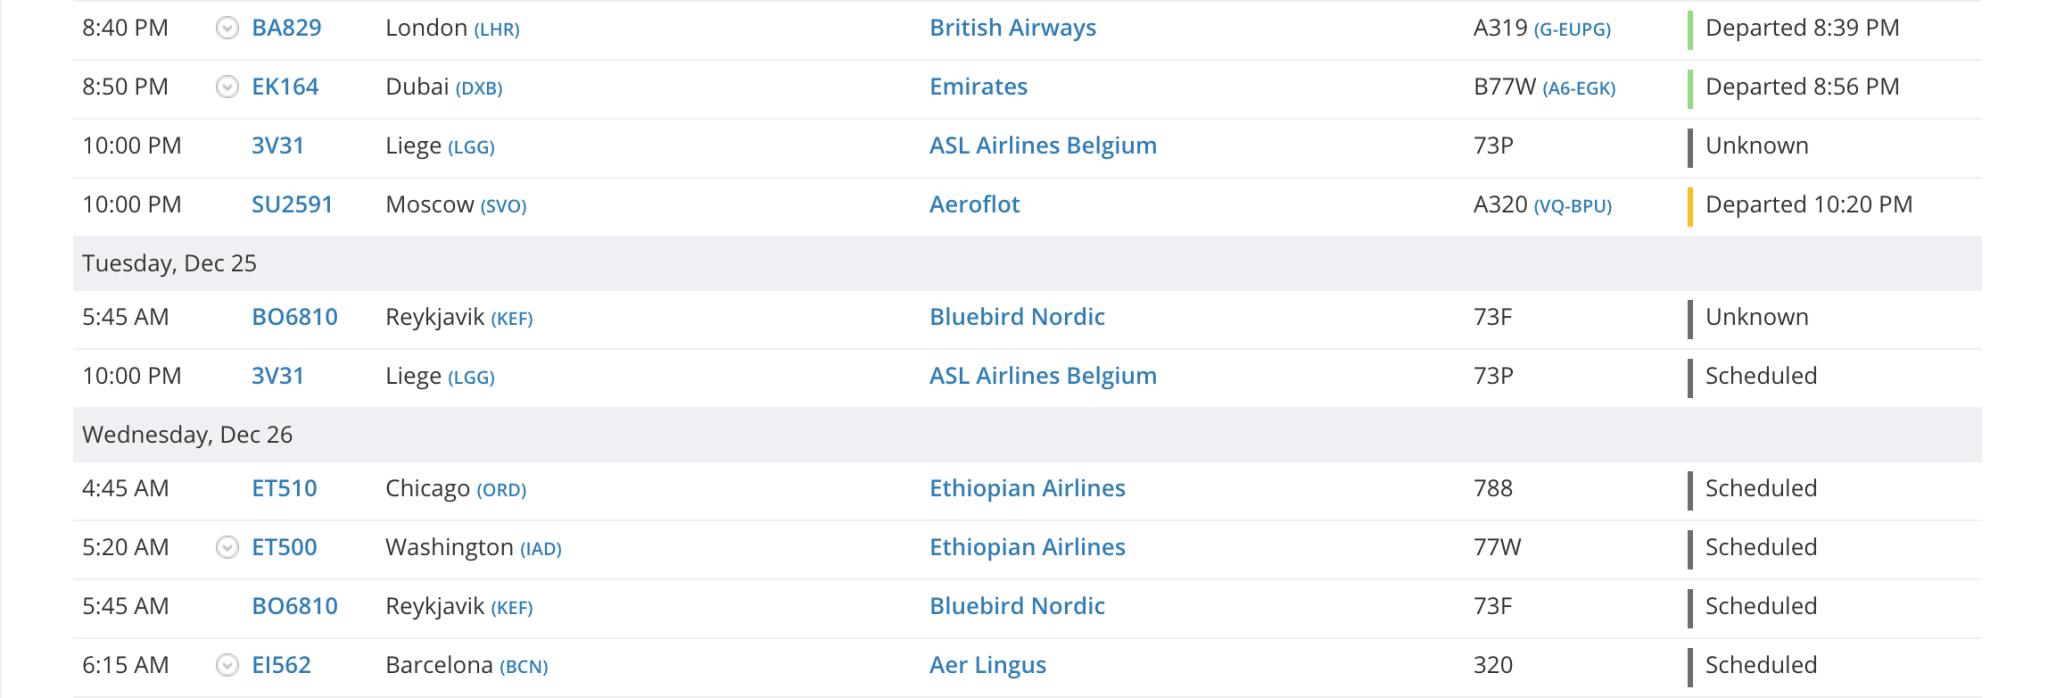 Dublin Arrivals (Image via Flightradar24)